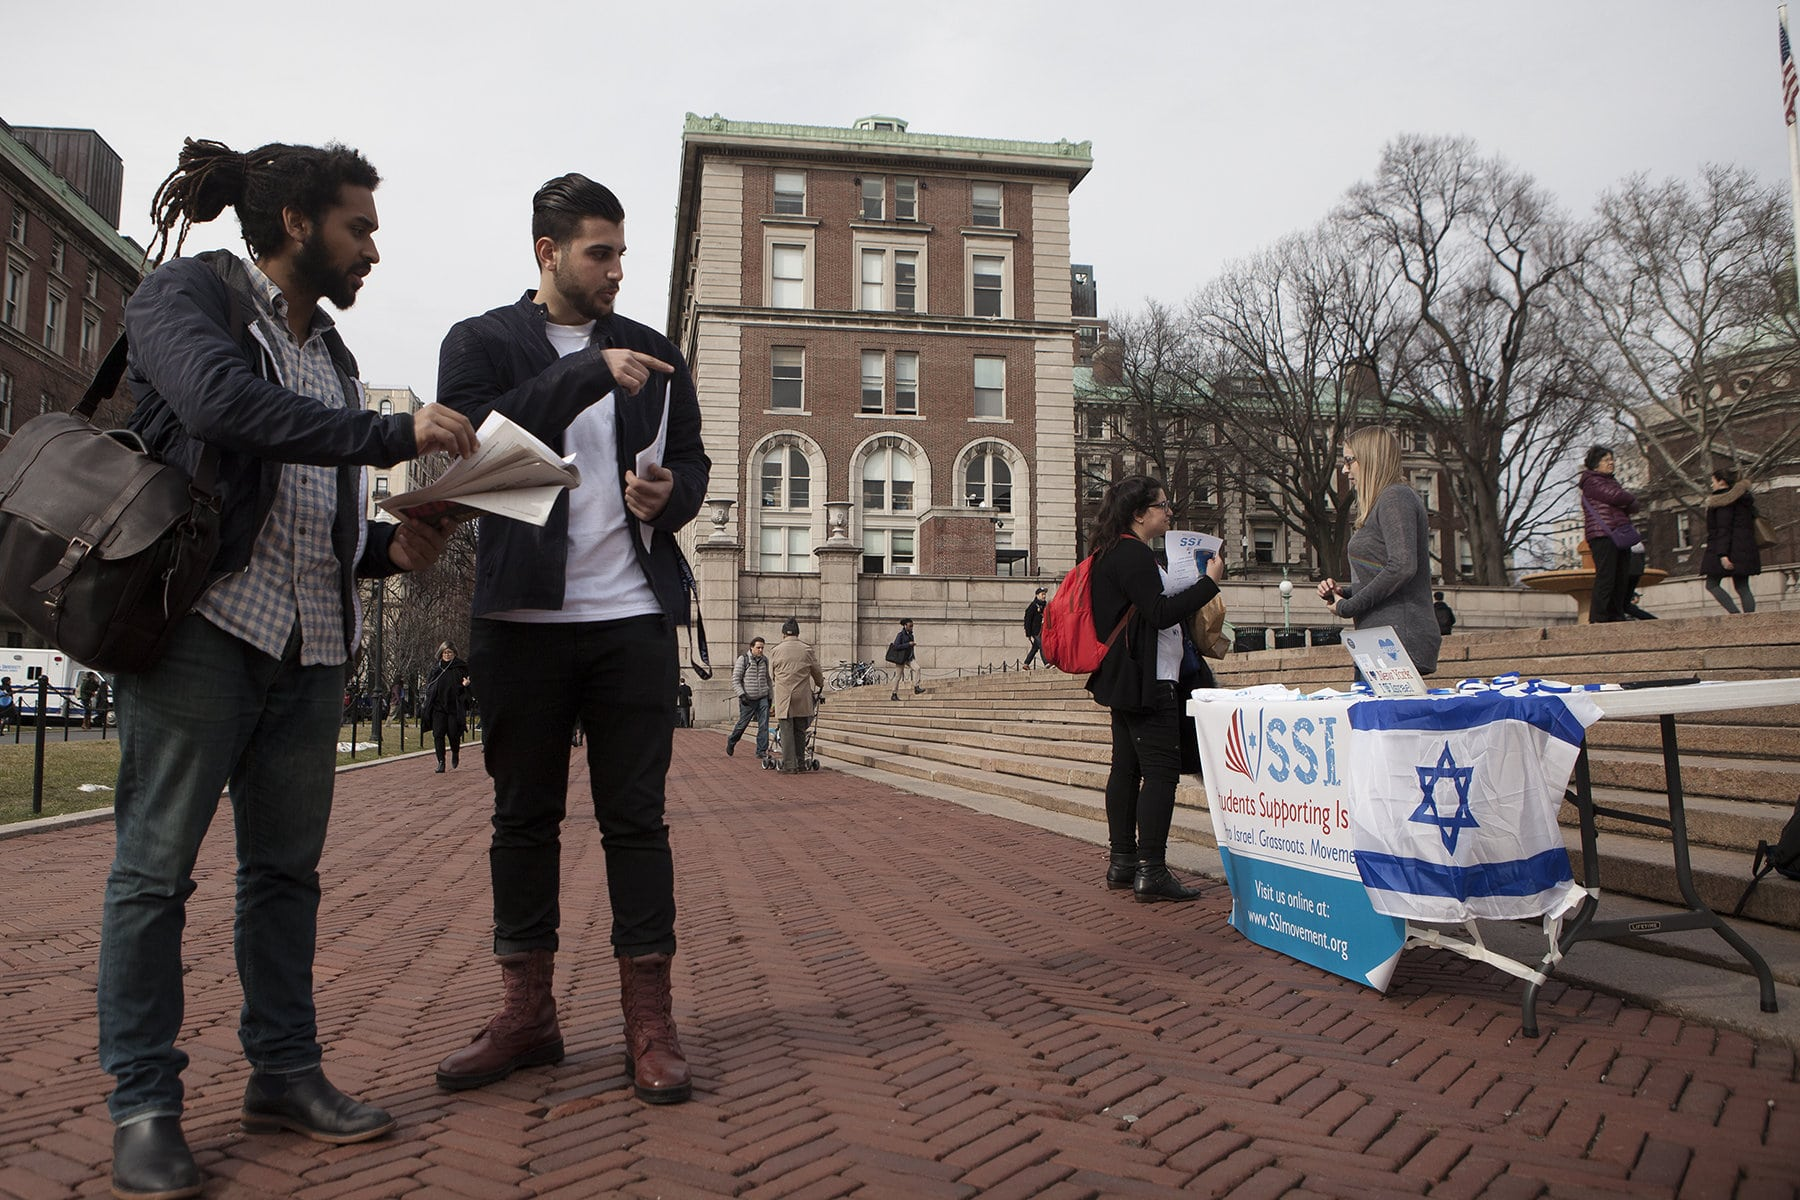 פתח קמפוסים בעולם לפעילות יהודית